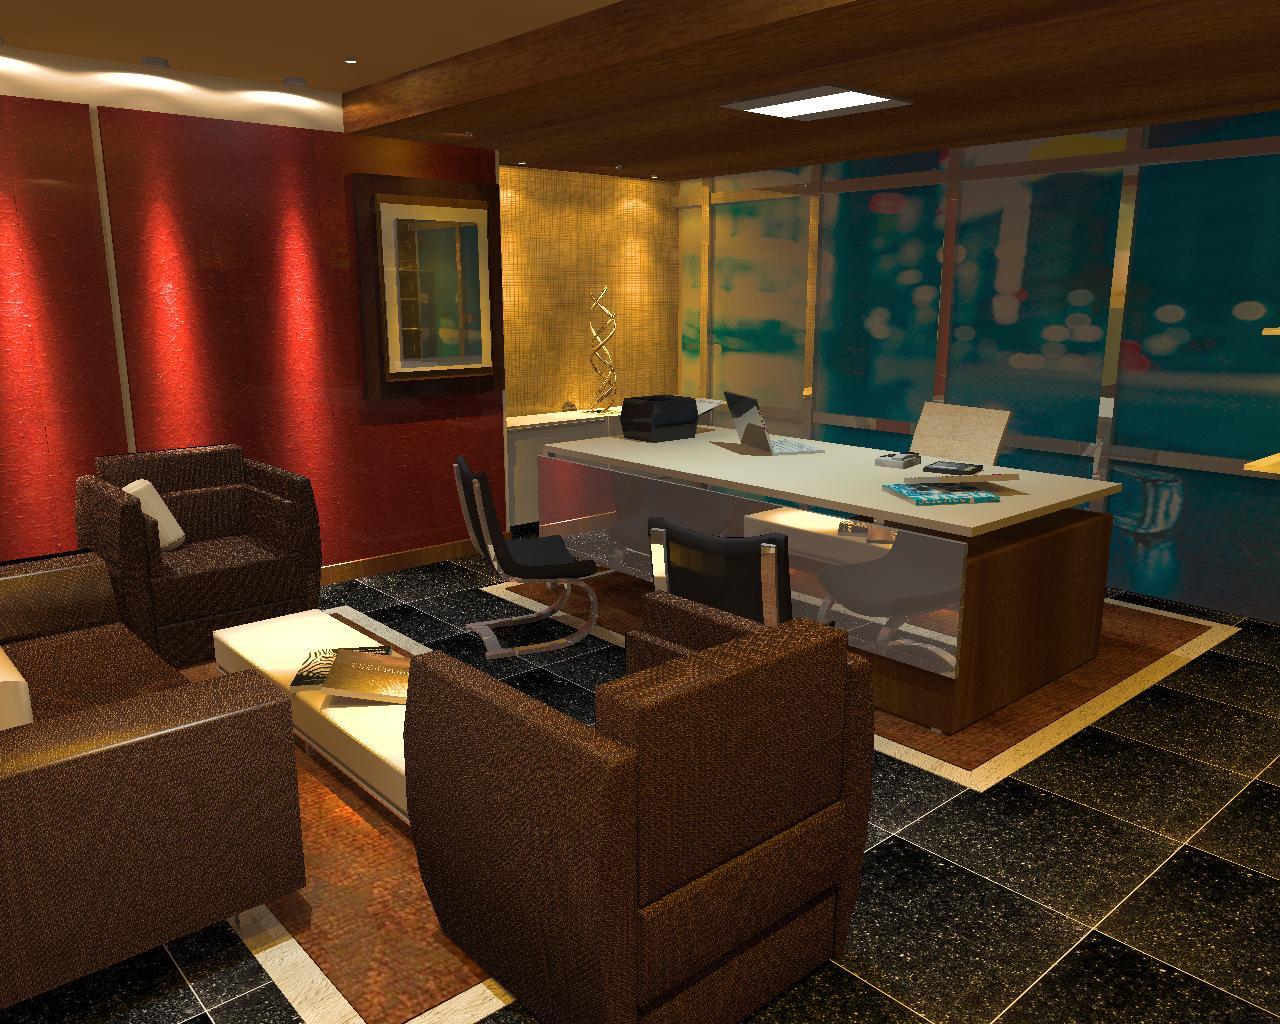 april 2013 nestorlazarte rosales. Black Bedroom Furniture Sets. Home Design Ideas